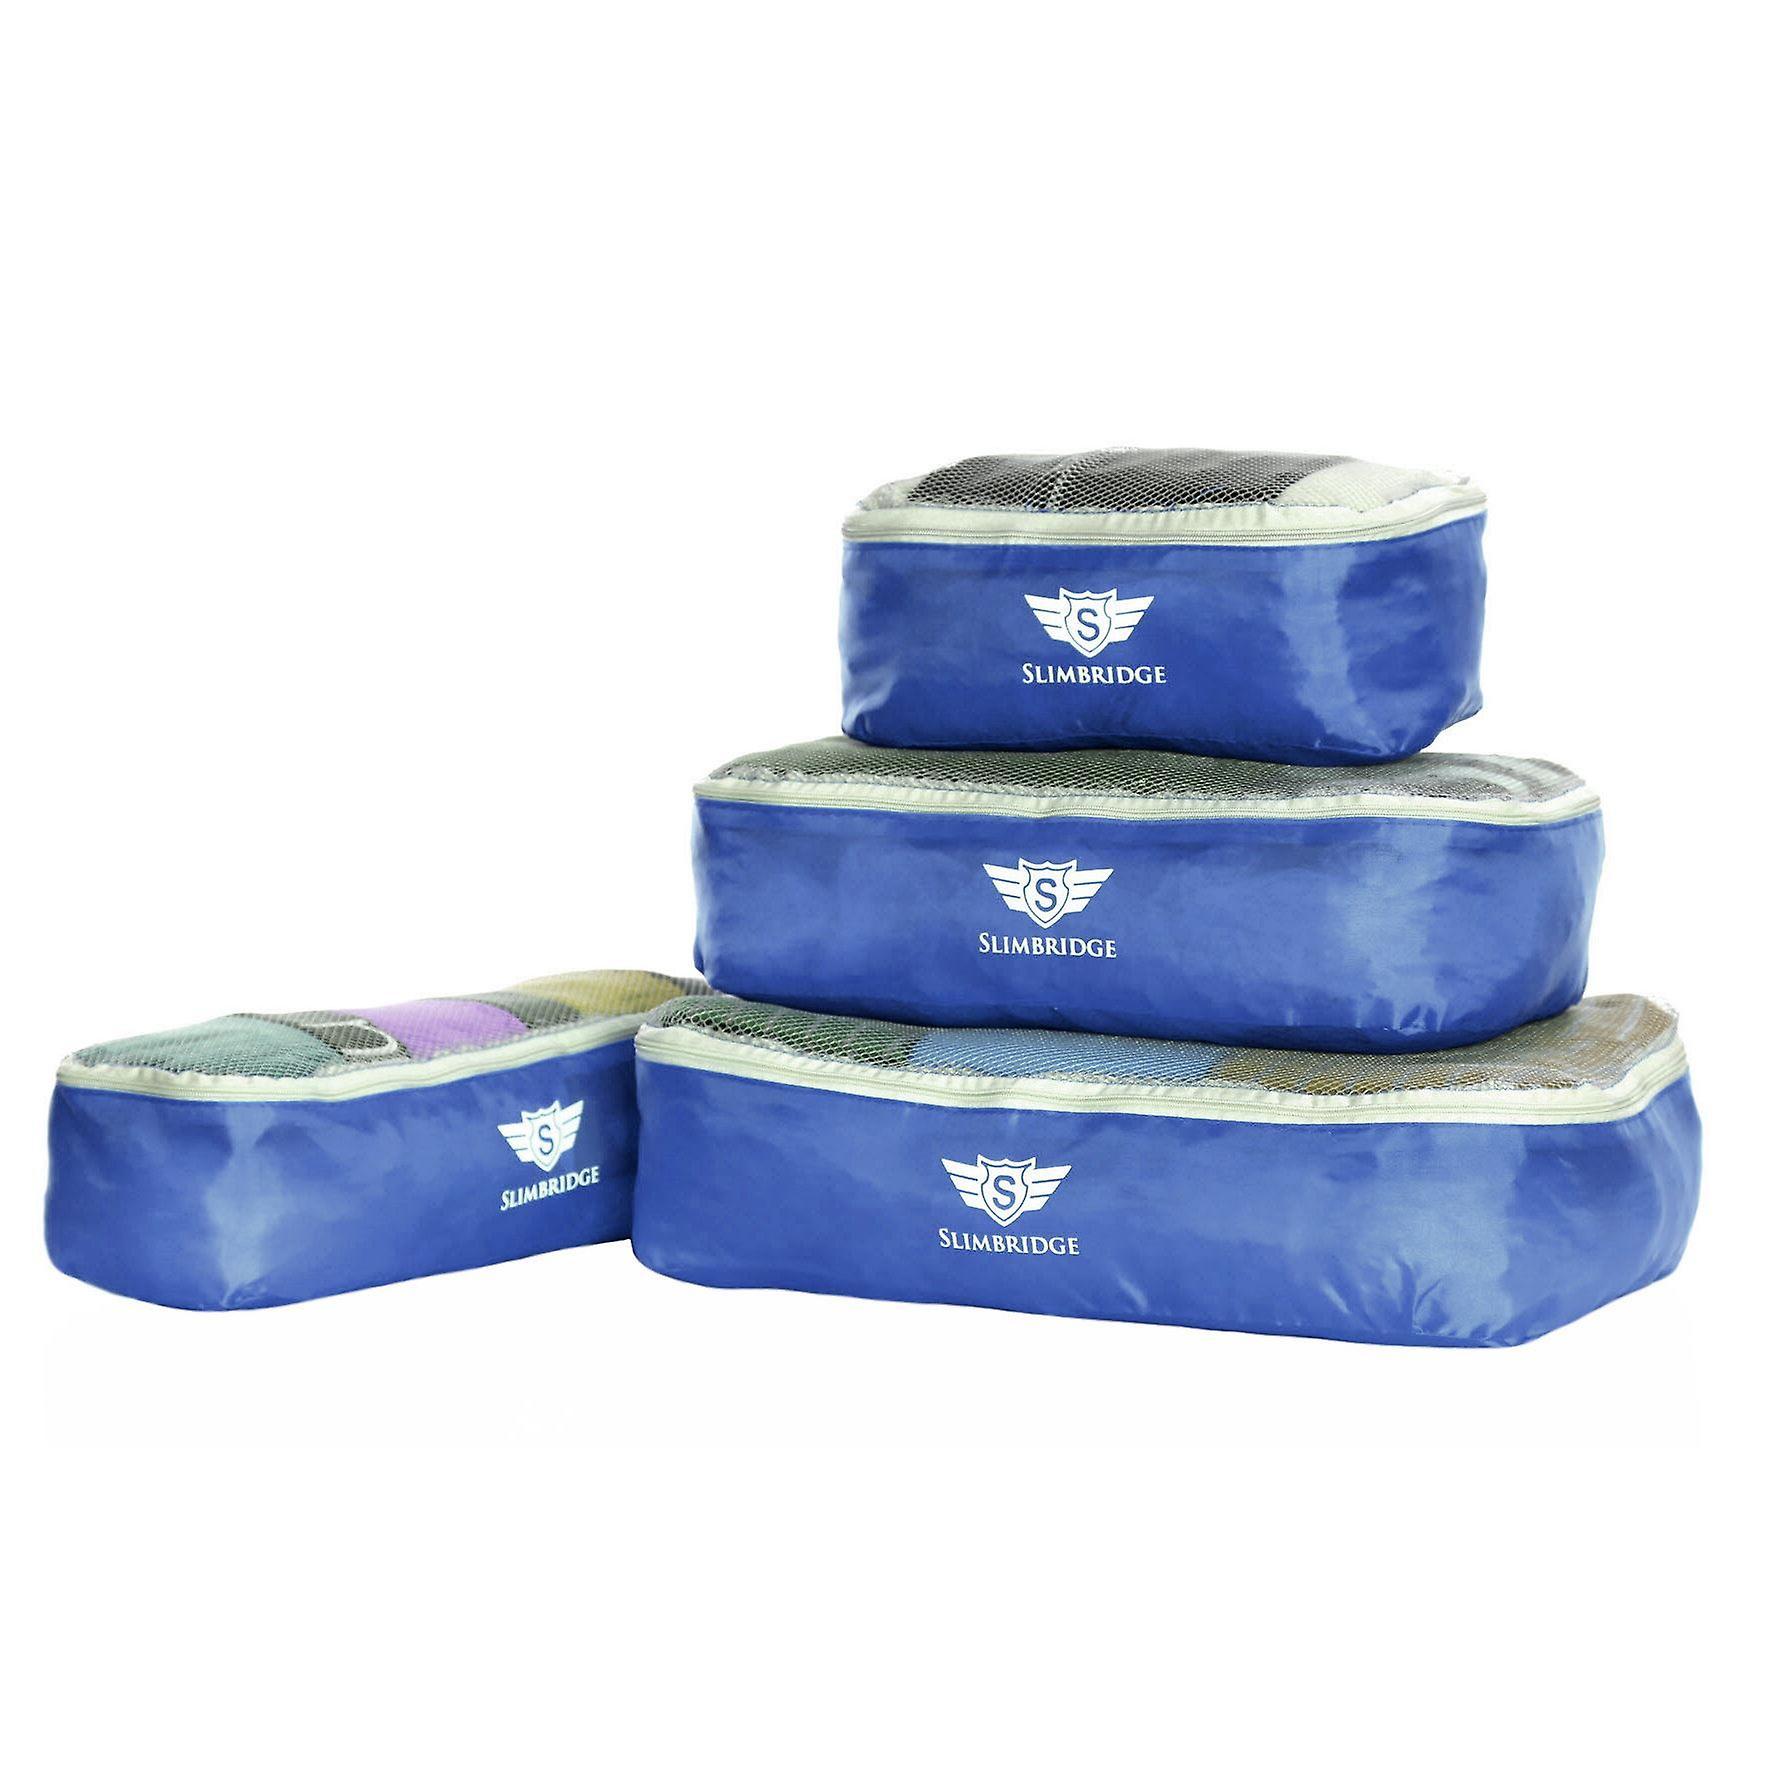 Slimbridge Milan Set of 4 Packing Cubes, Blue